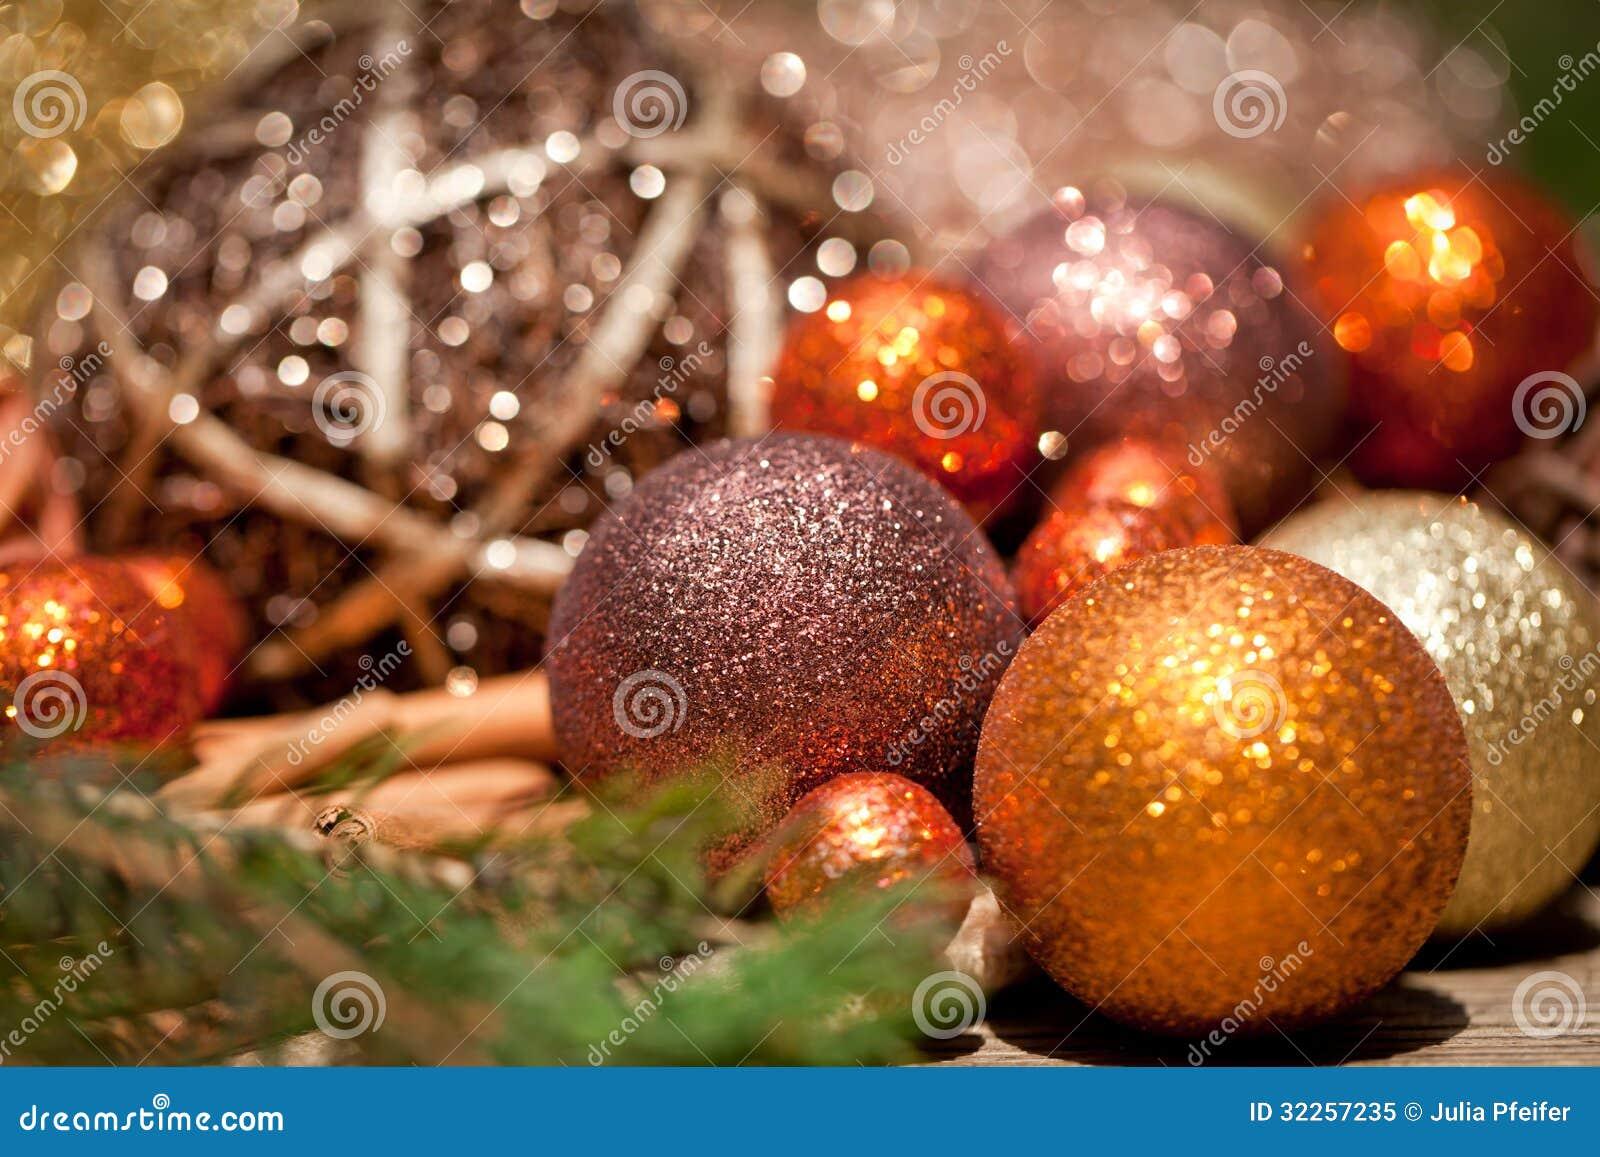 Deco Noel En Bois Naturel décoration éclatante de noël en bois naturel orange et brun